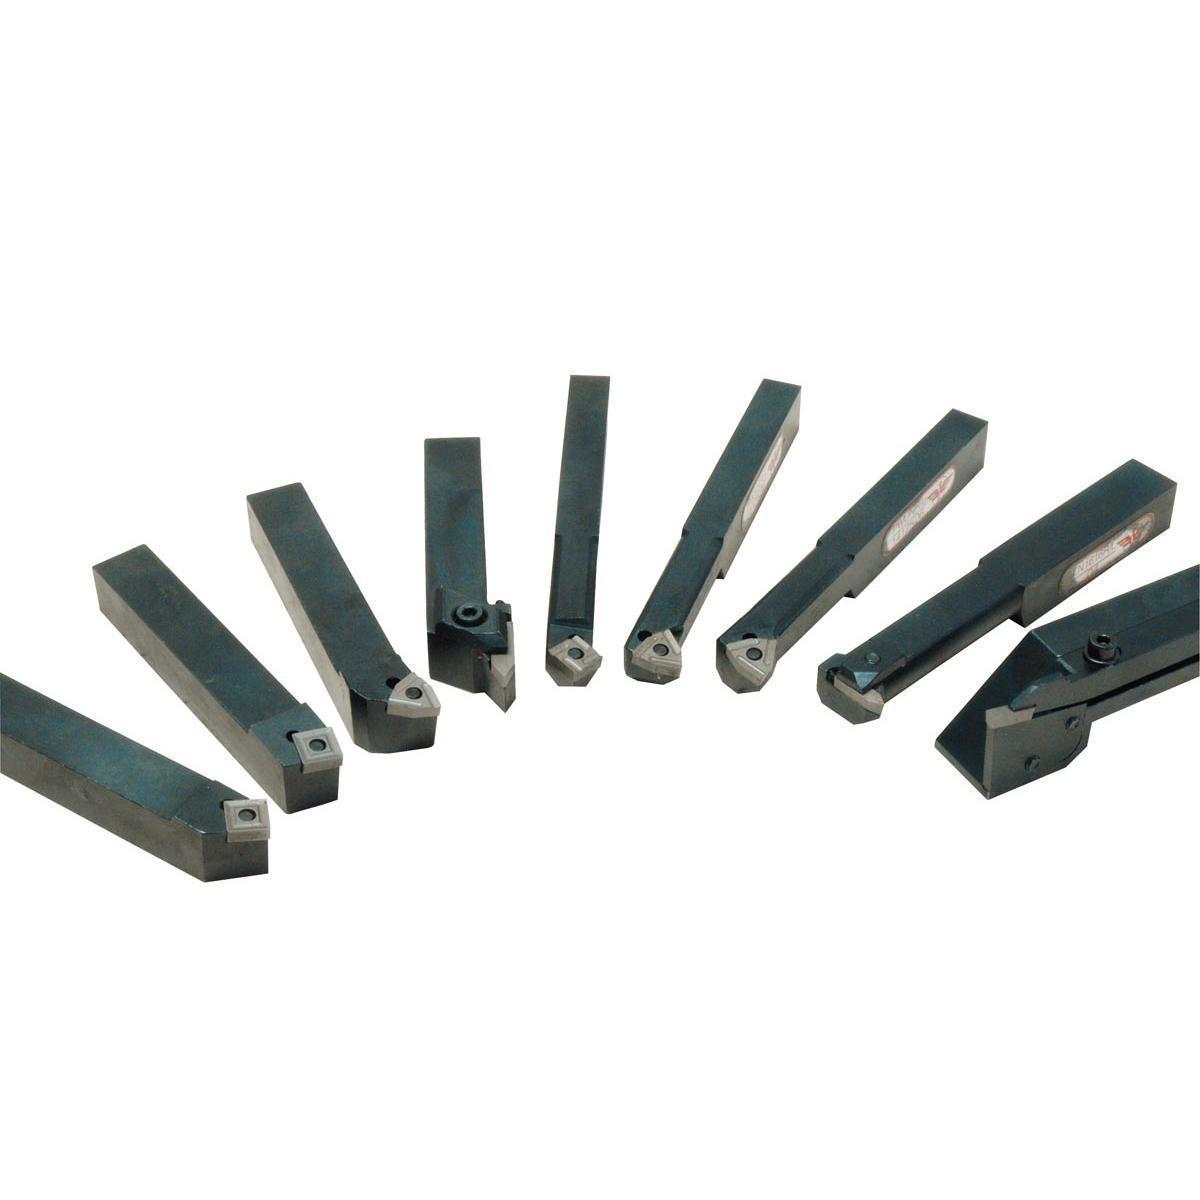 Sada nožů s výměnnými destičkami Holzmann 9TLG12 -1